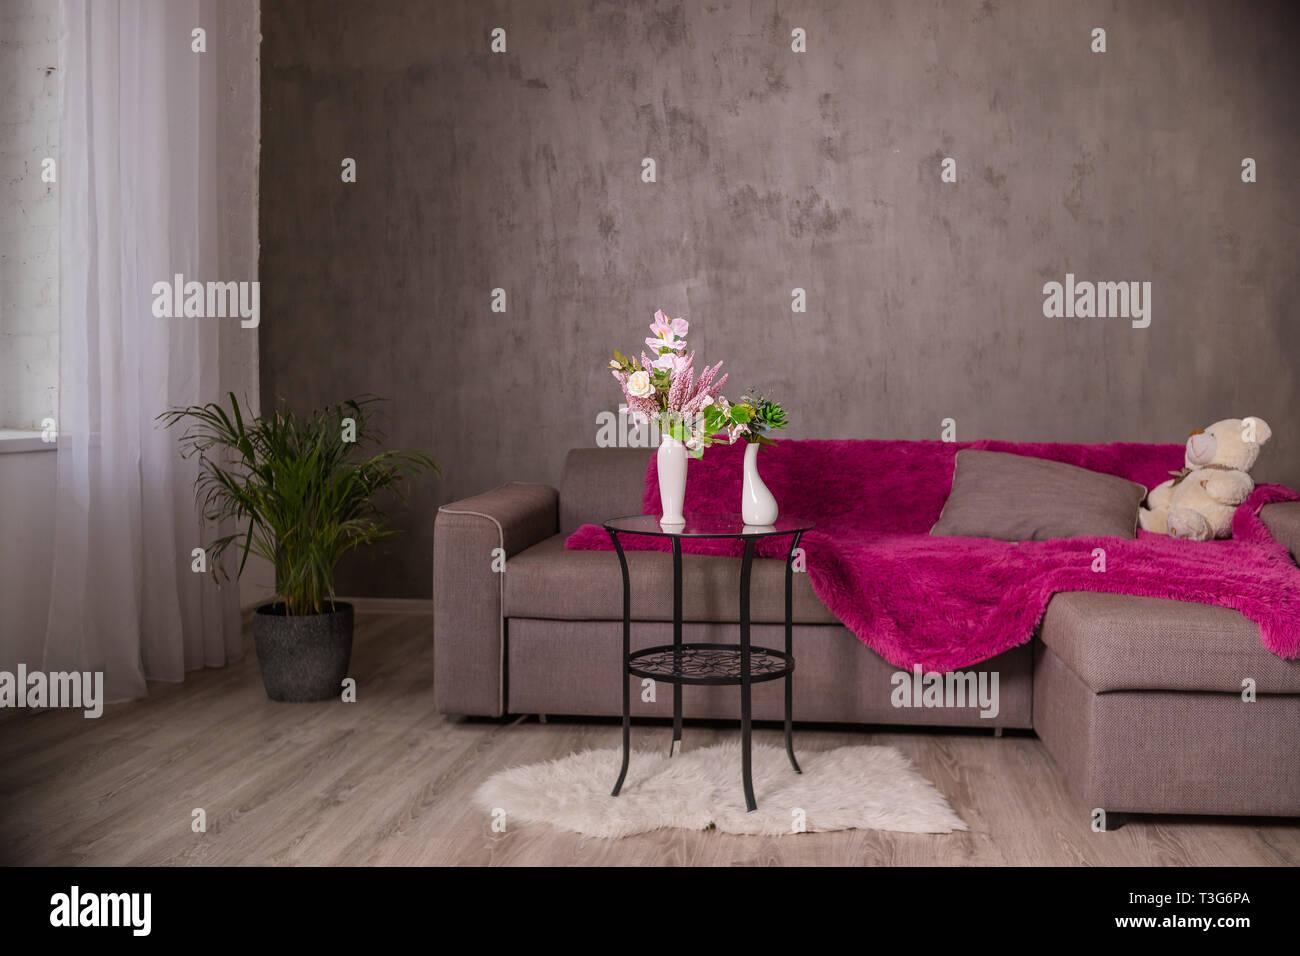 Skandinavische Wohnzimmer design interieur mit einem Sofa ...